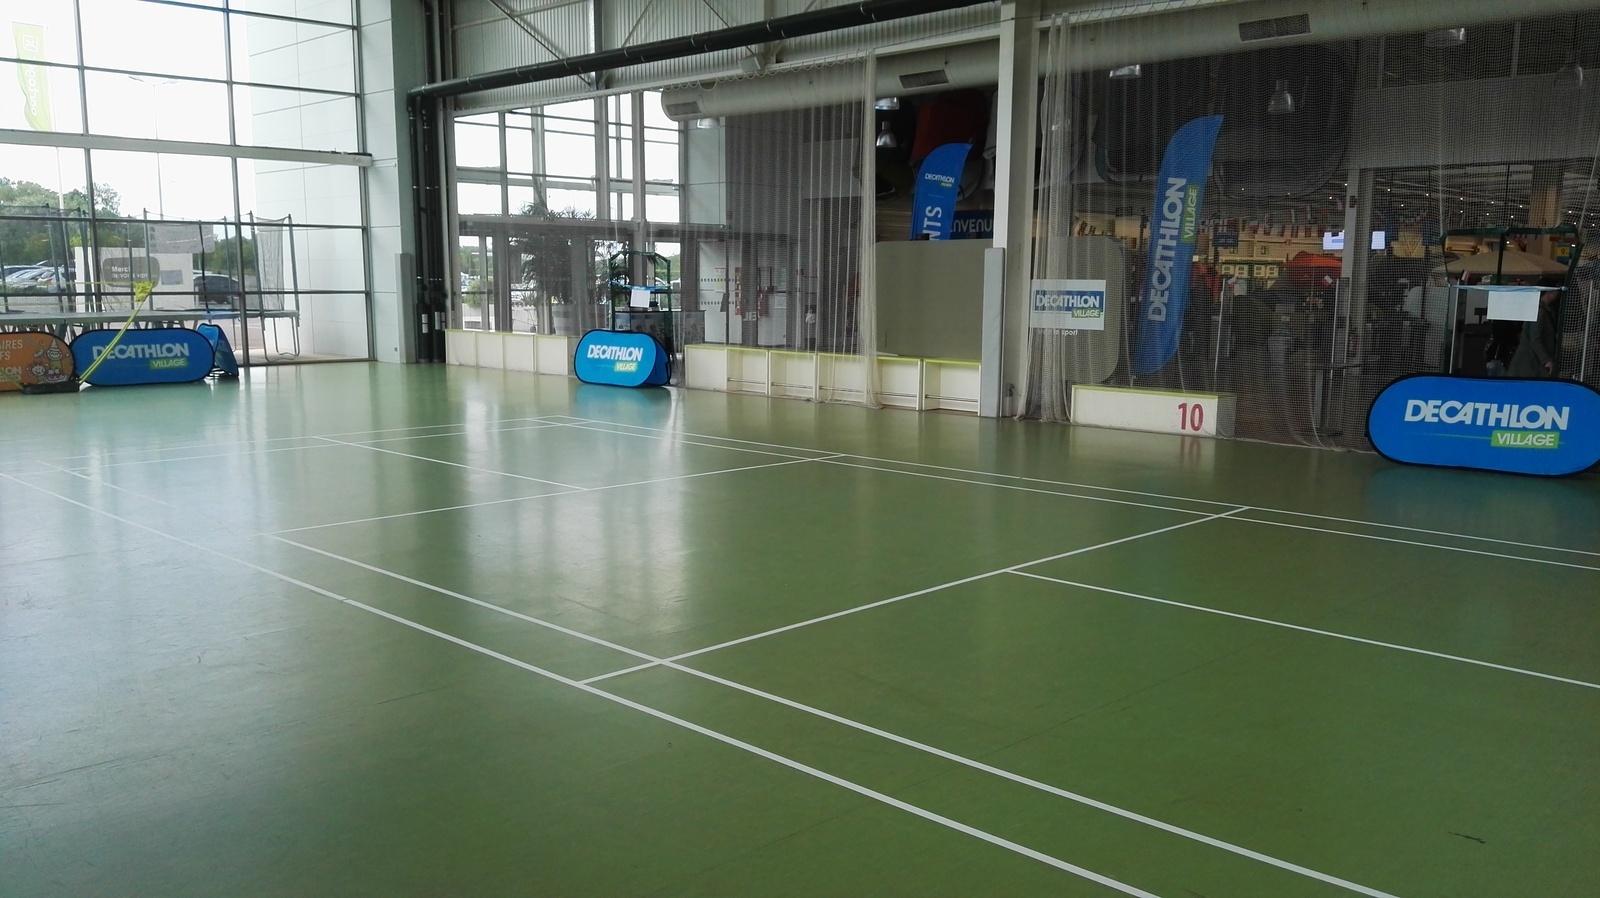 Tra age terrain ile de france trace plus - Decathlon jeux exterieur ...